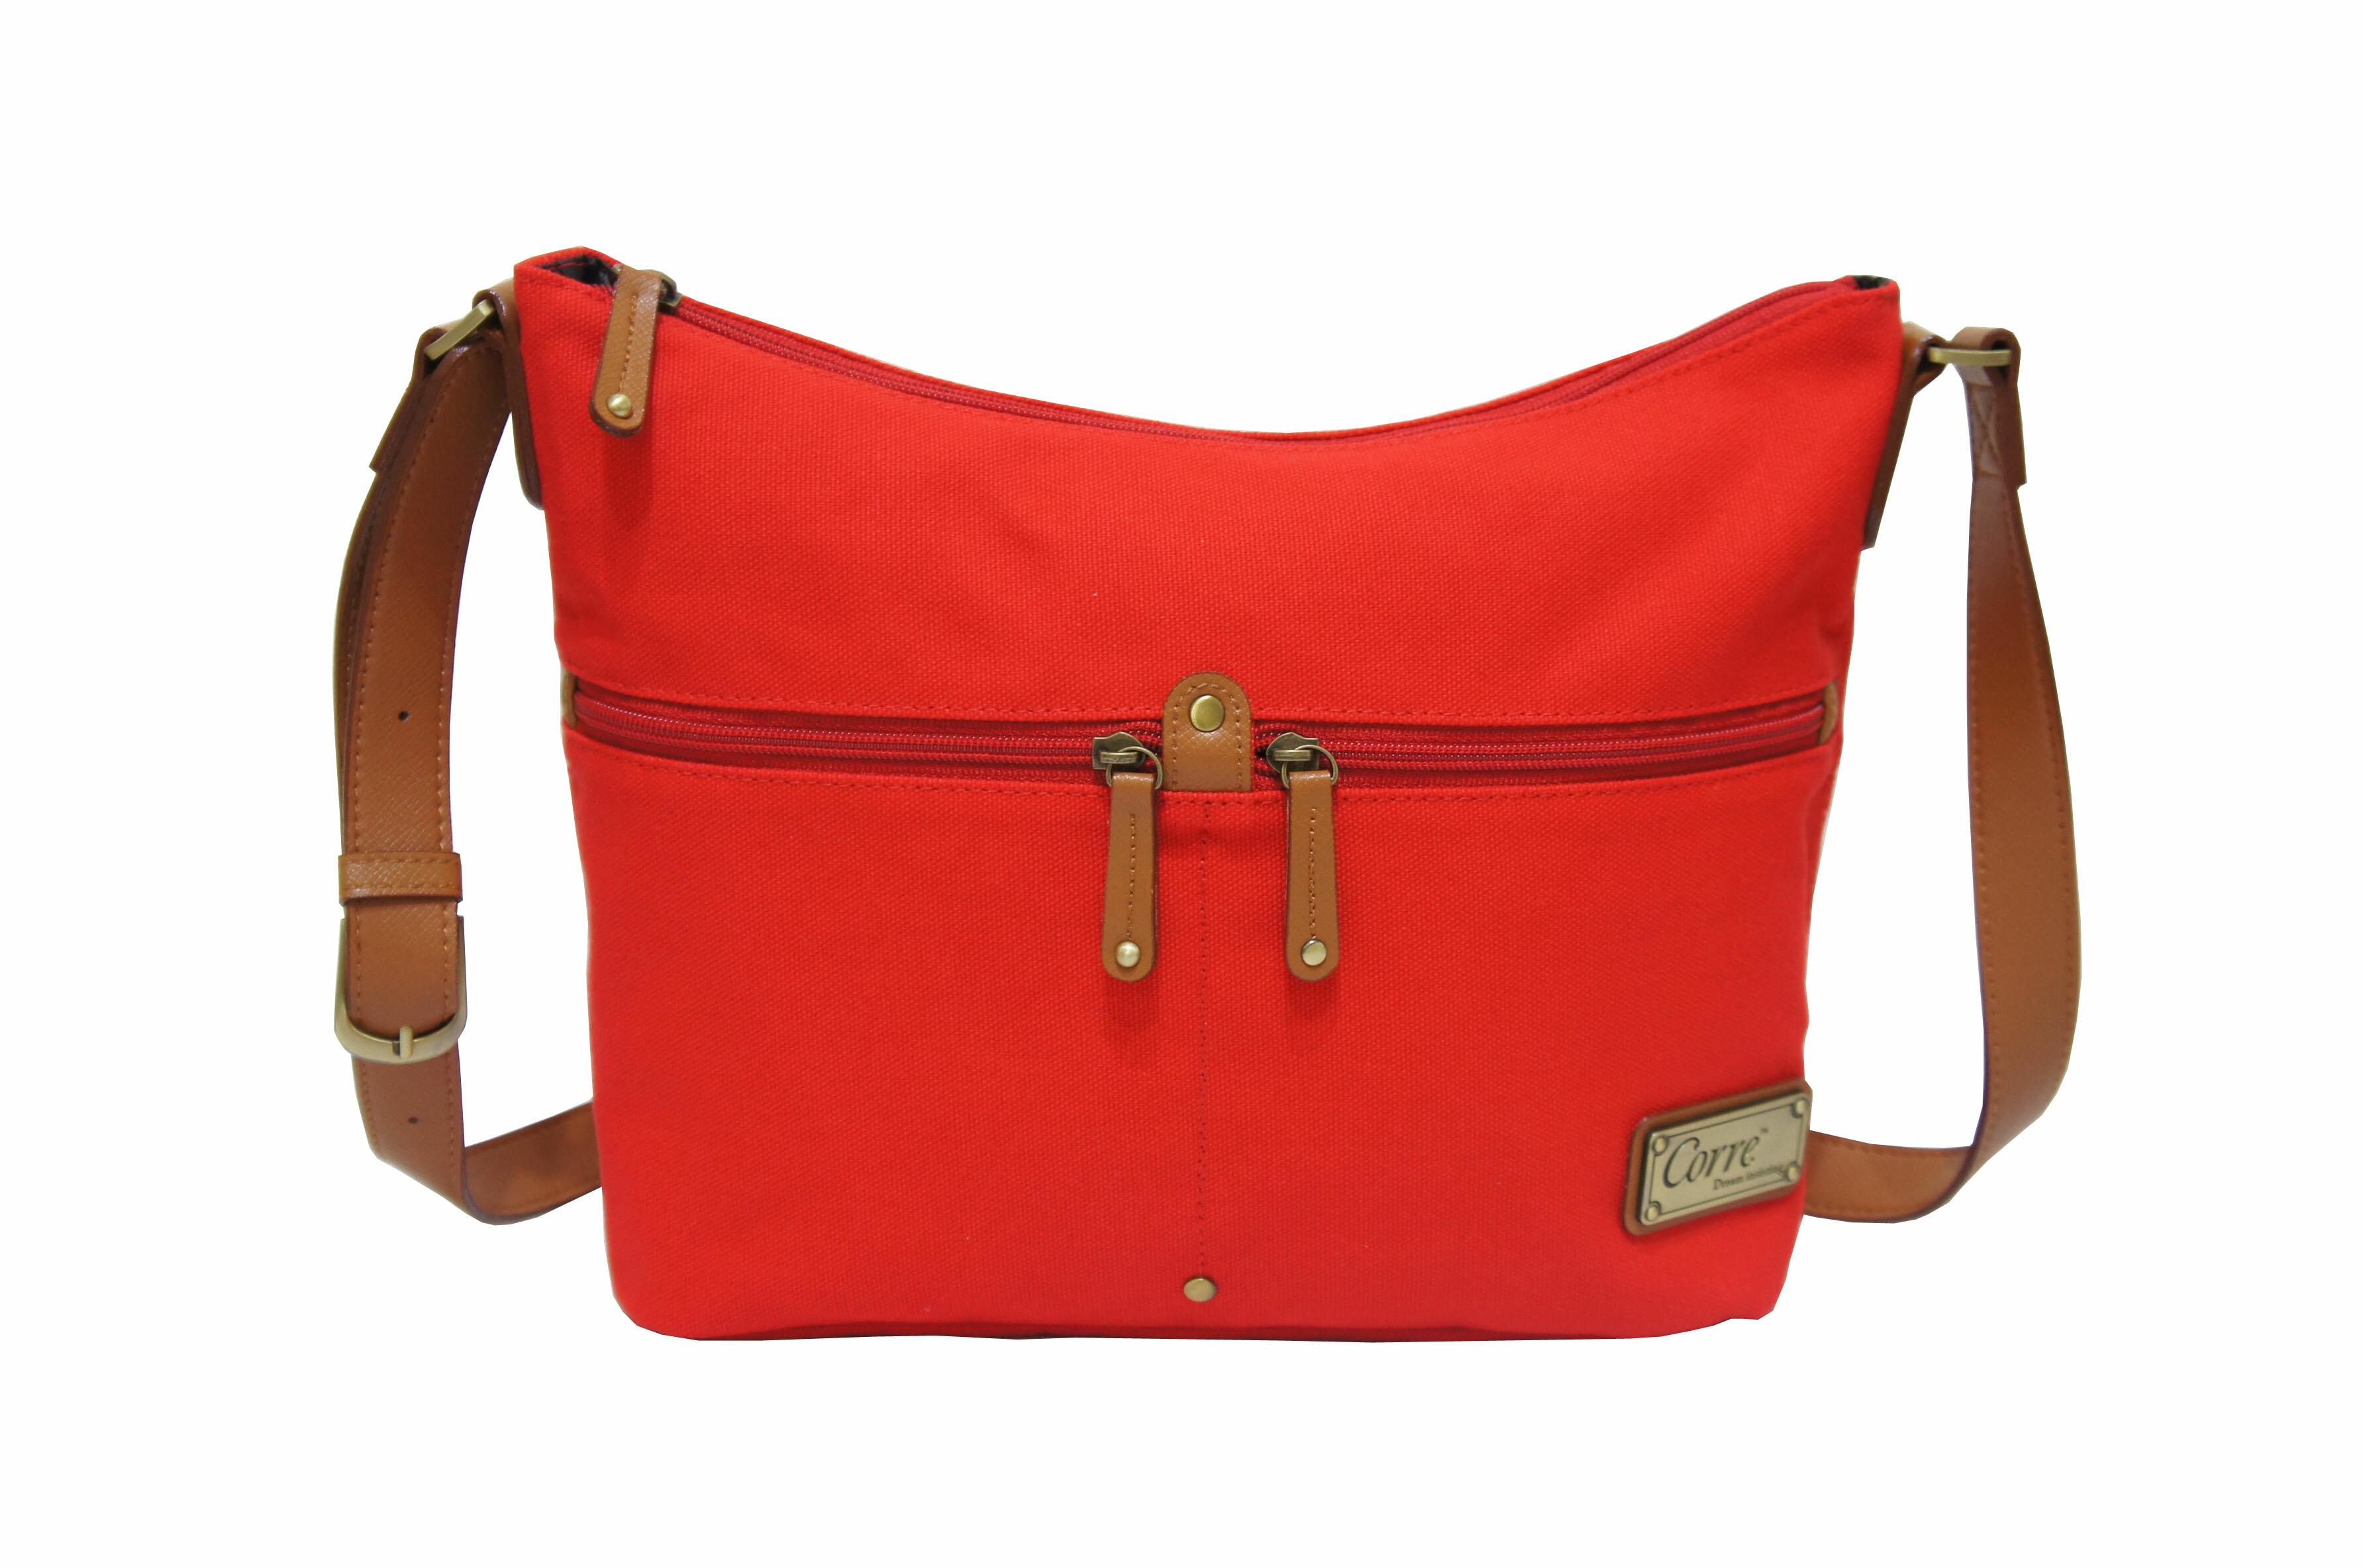 CP024帆布手提肩背包共2色 紅 / 馬卡龍綠 0